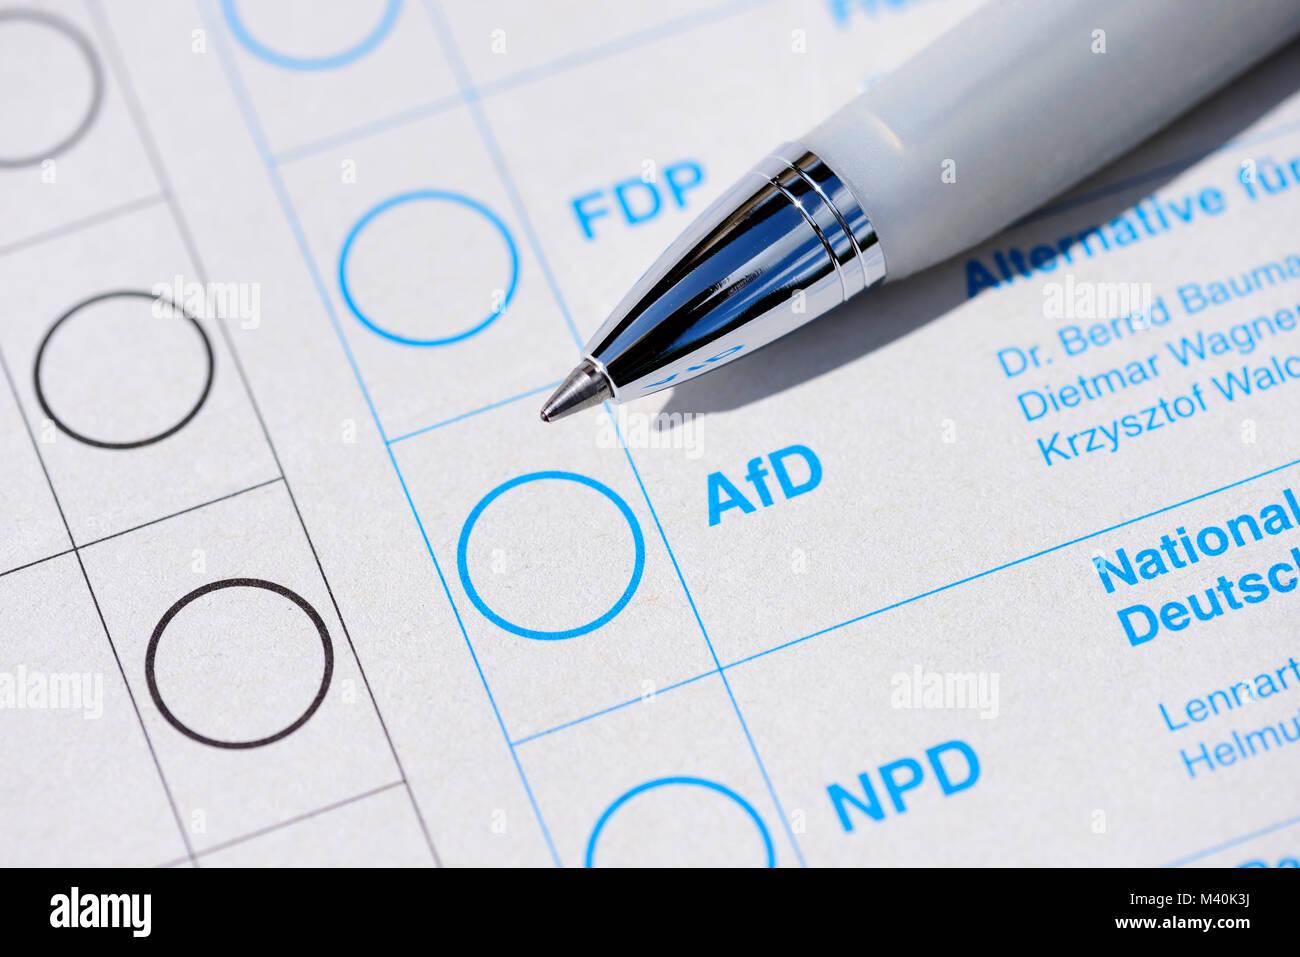 Ballots for the Bundestag election, AFD, Stimmzettel zur Bundestagswahl - Stock Image